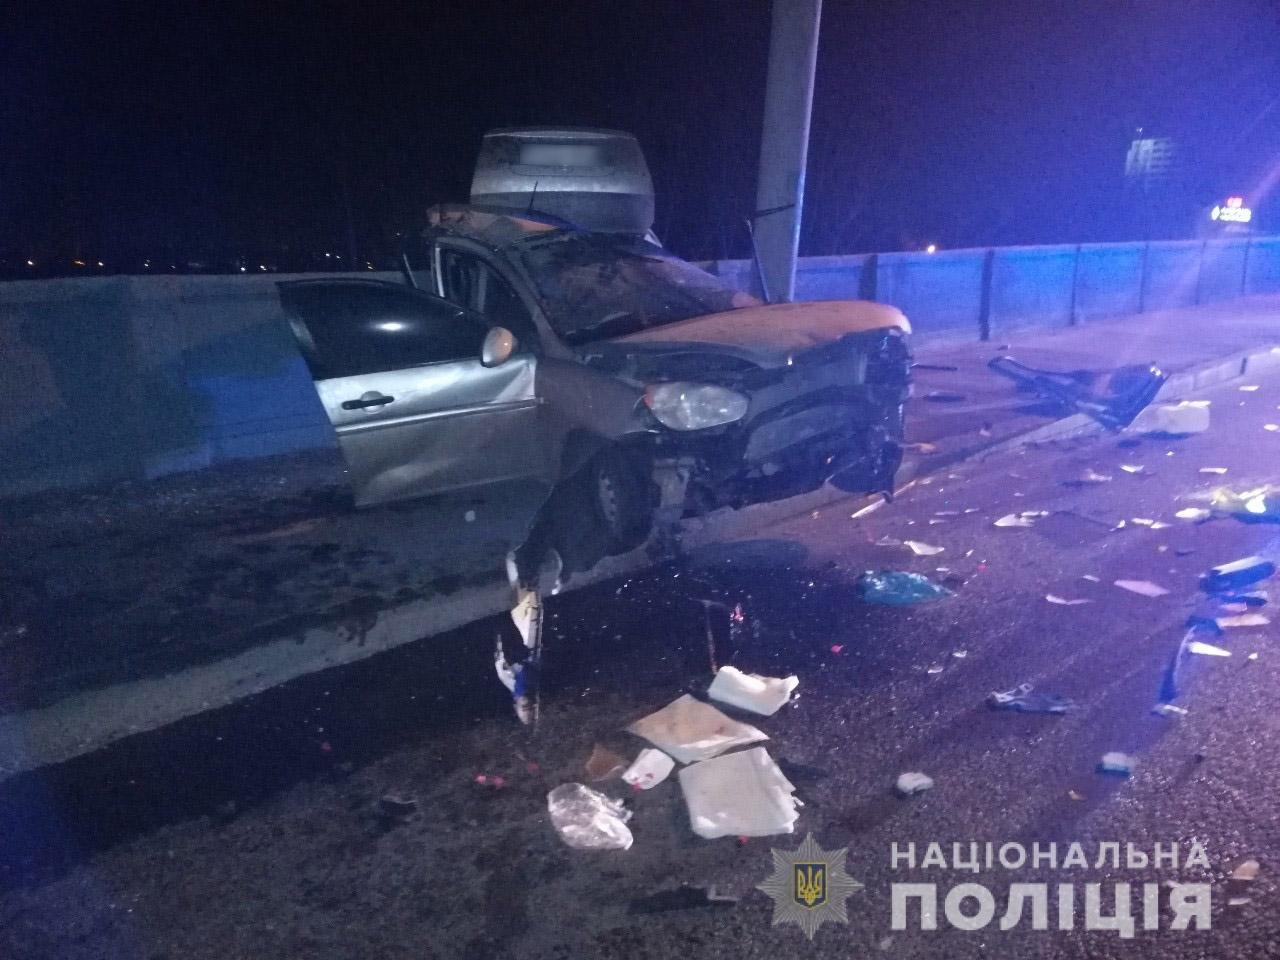 В Харькове «Hyundai» влетел в столб: спасатели вырезали травмированного водителя из «смятого» авто, - ФОТО, фото-5